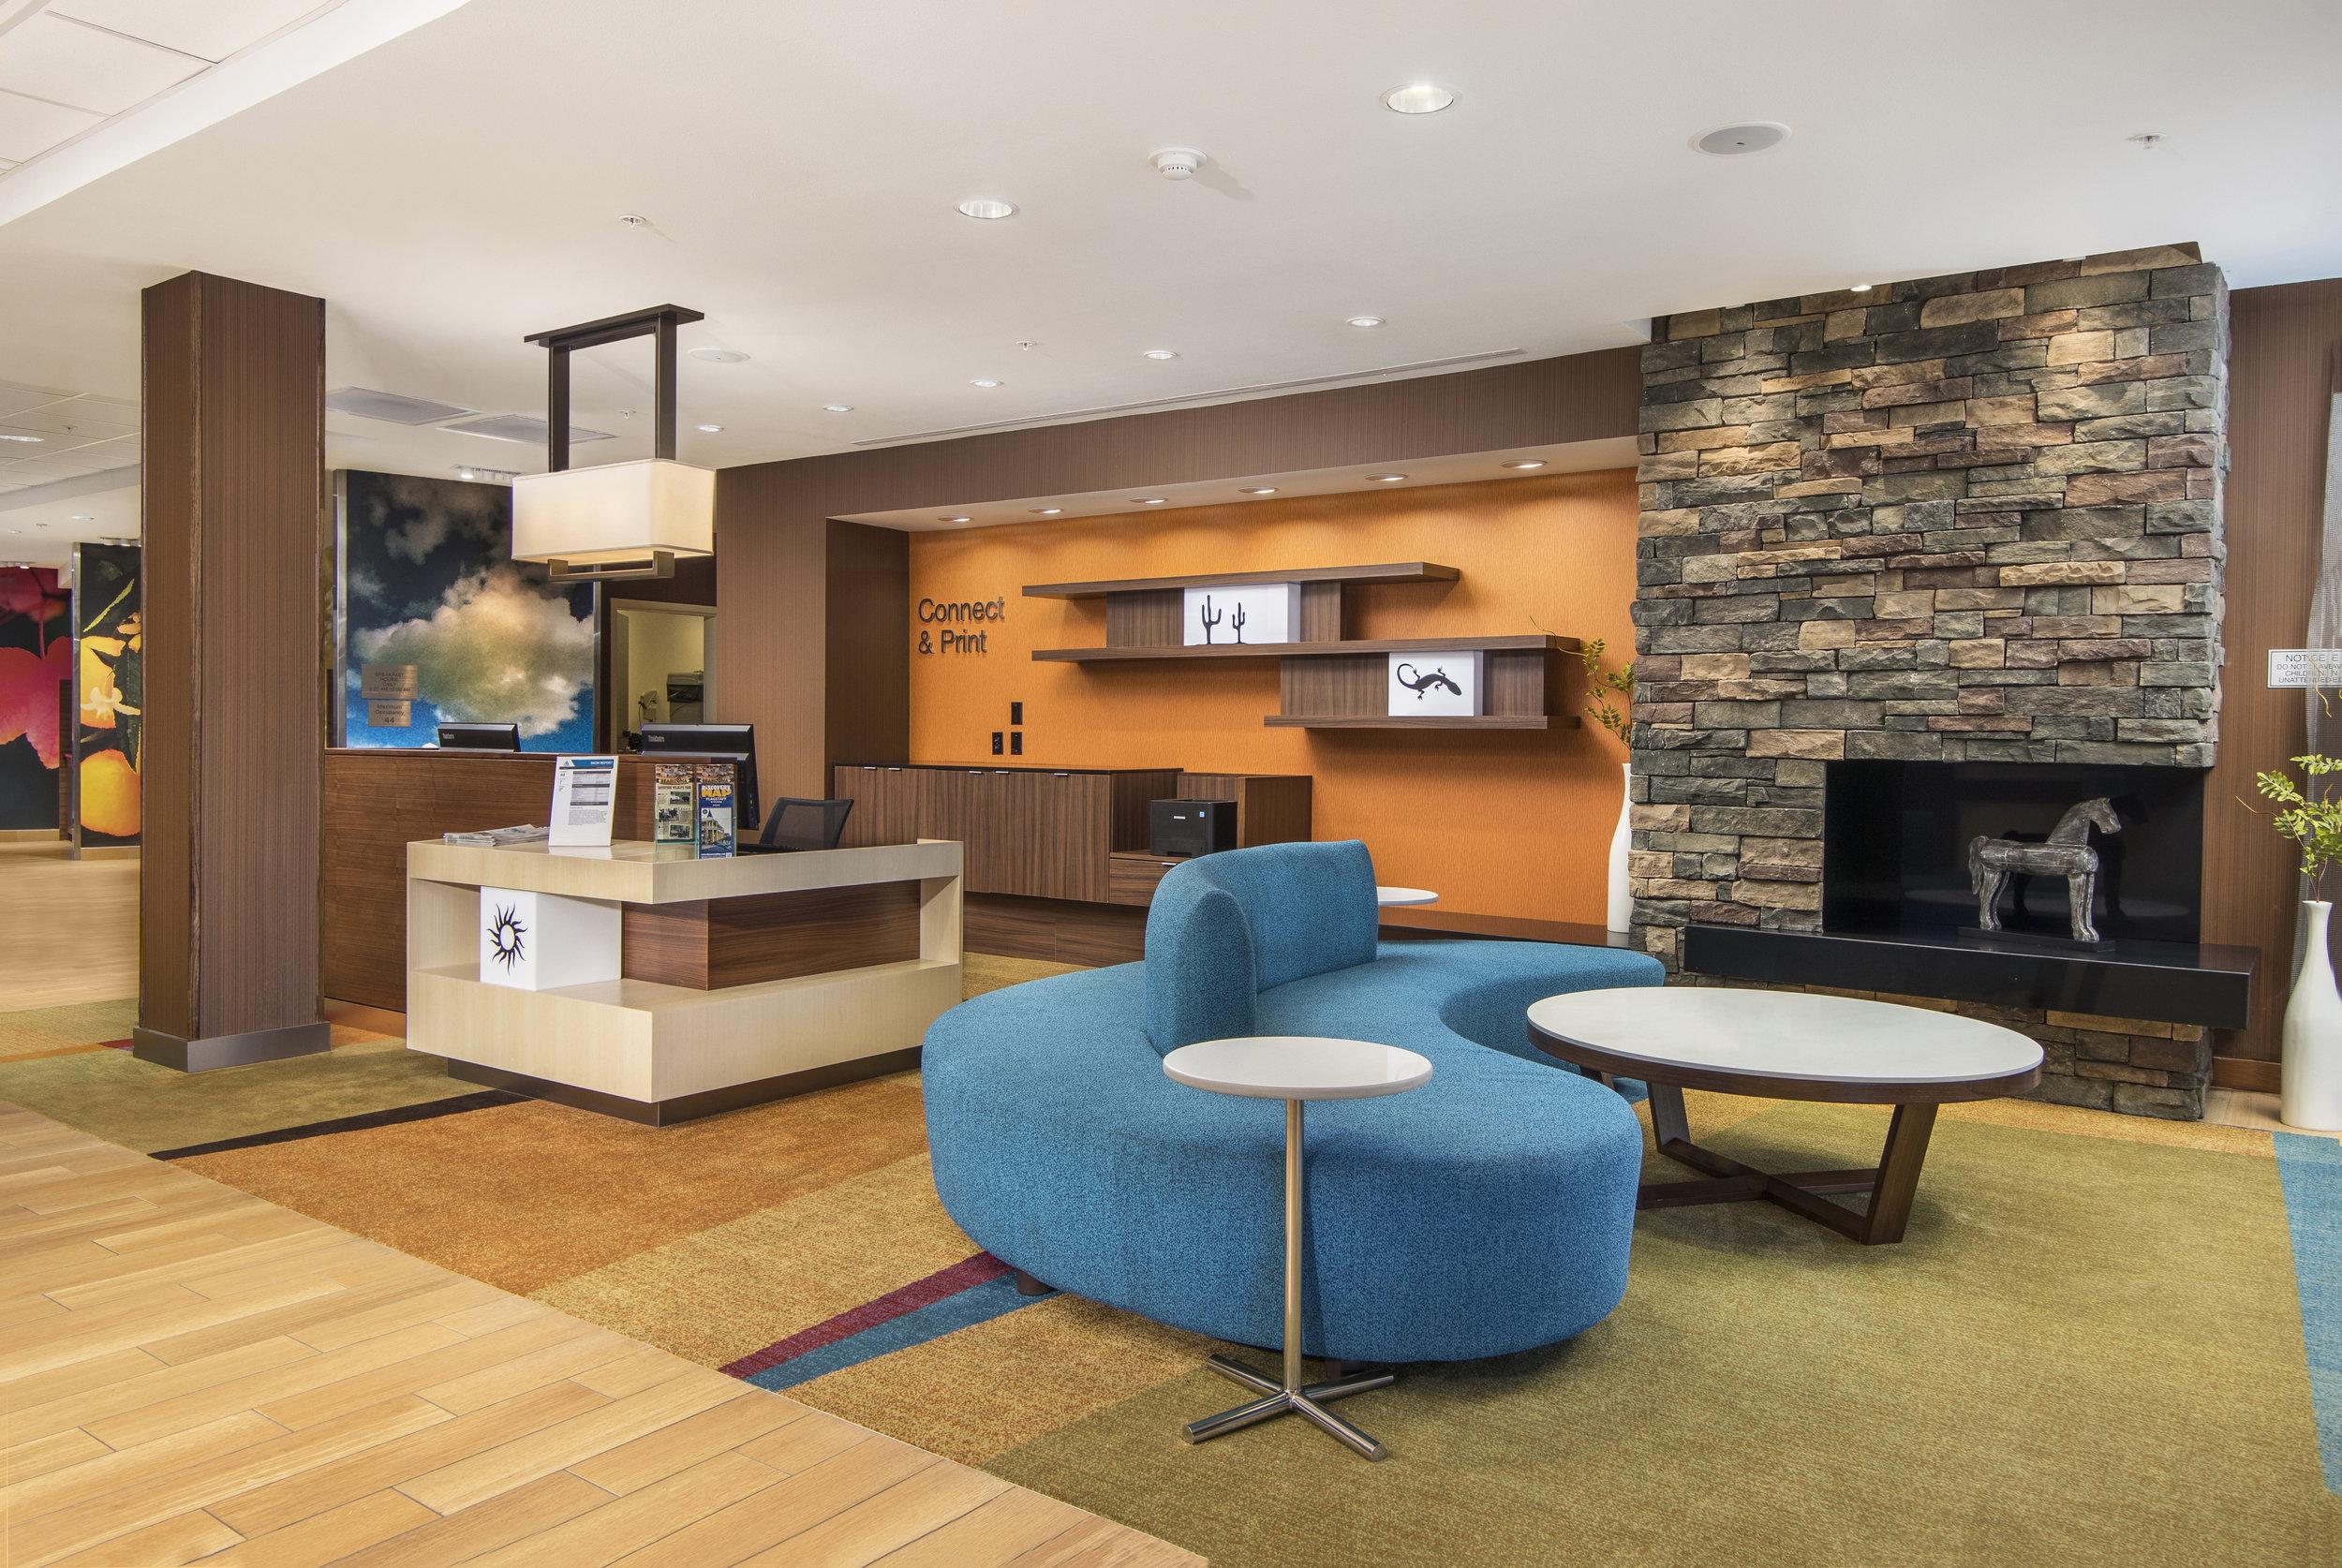 07_Fairfield Inn Lobby3.jpg